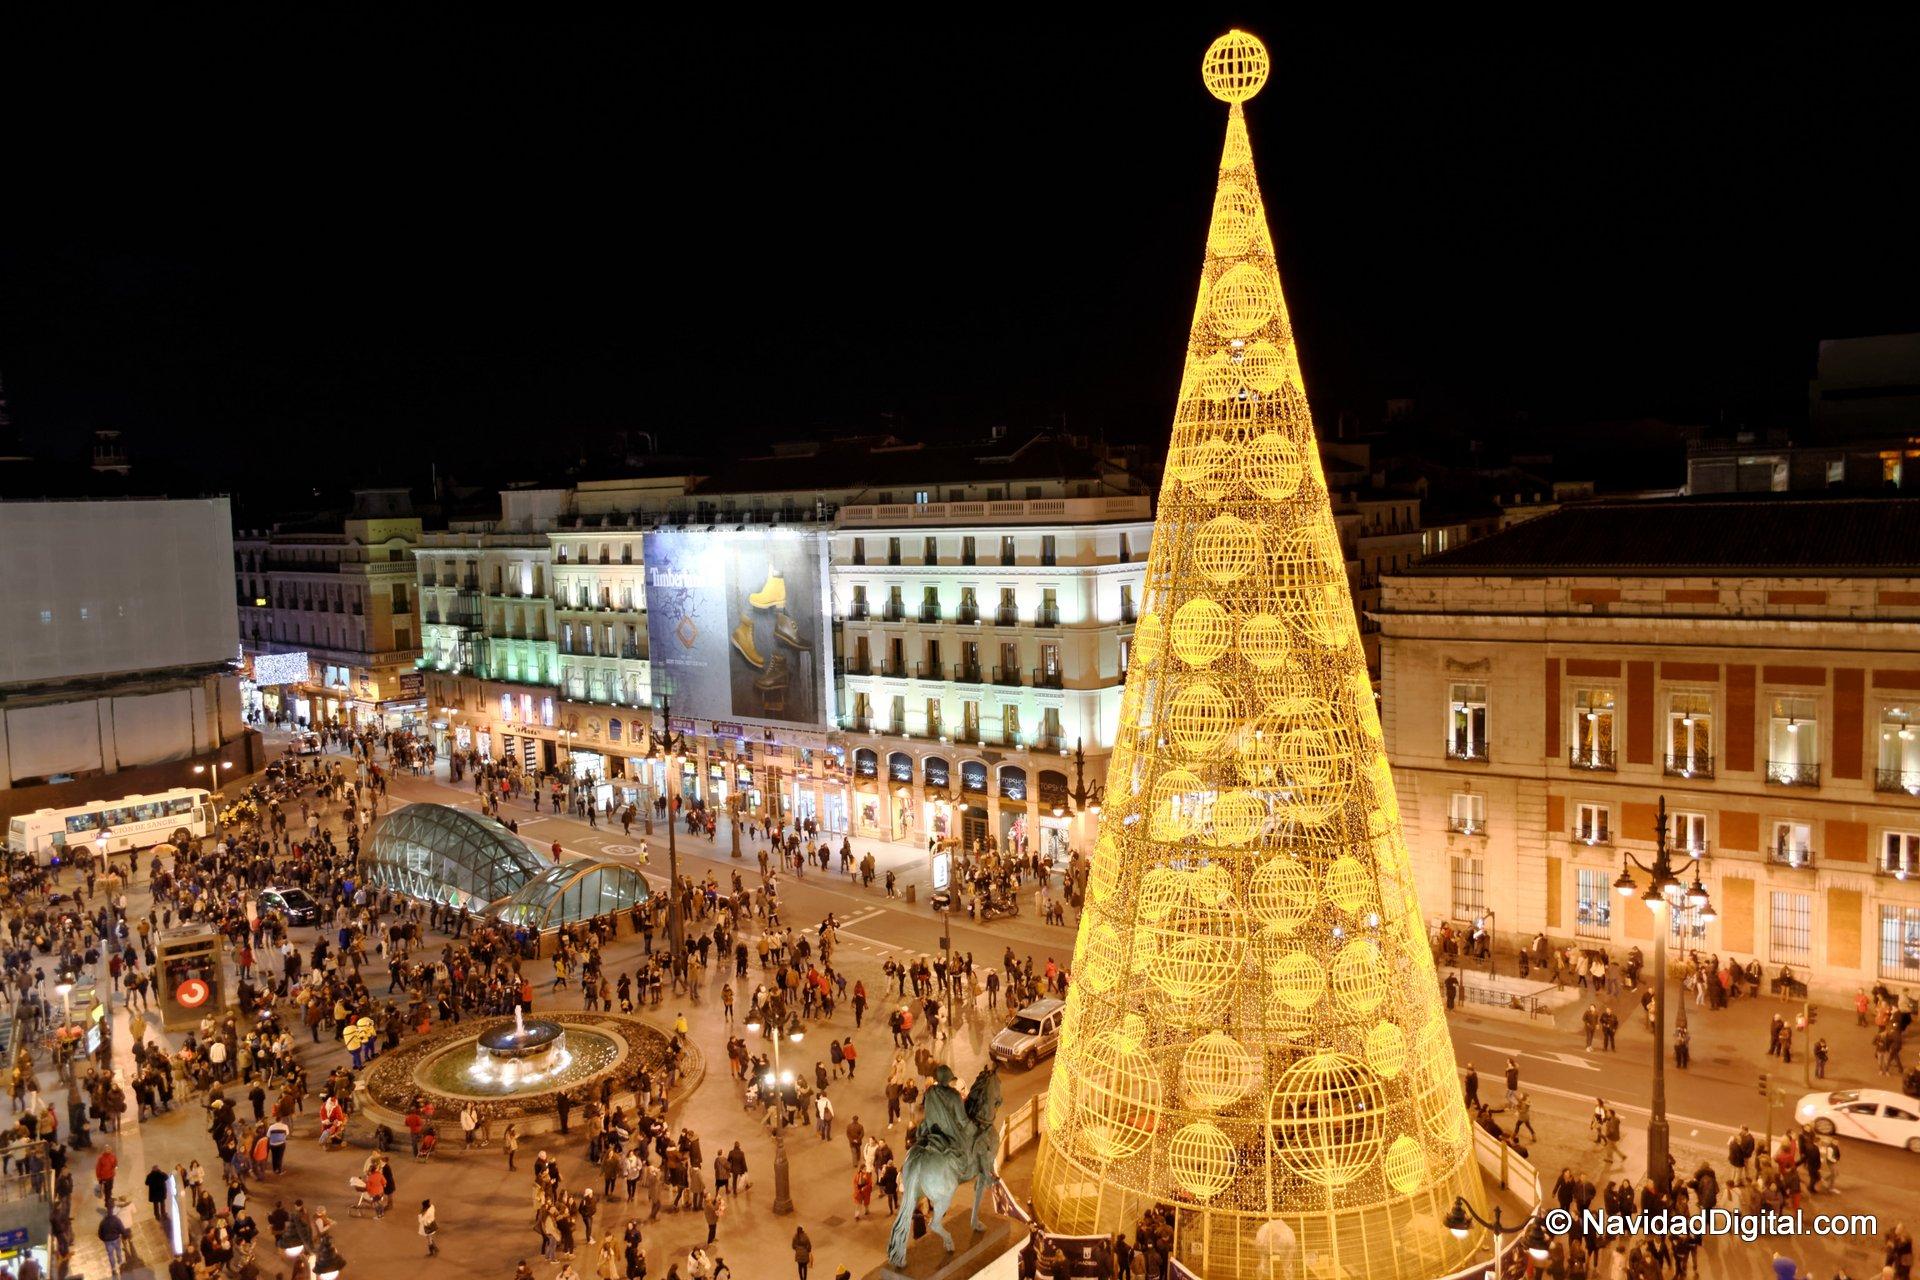 Arbol navidad madrid 2013 sol el blog de navidad digital - Fotos arboles navidad ...